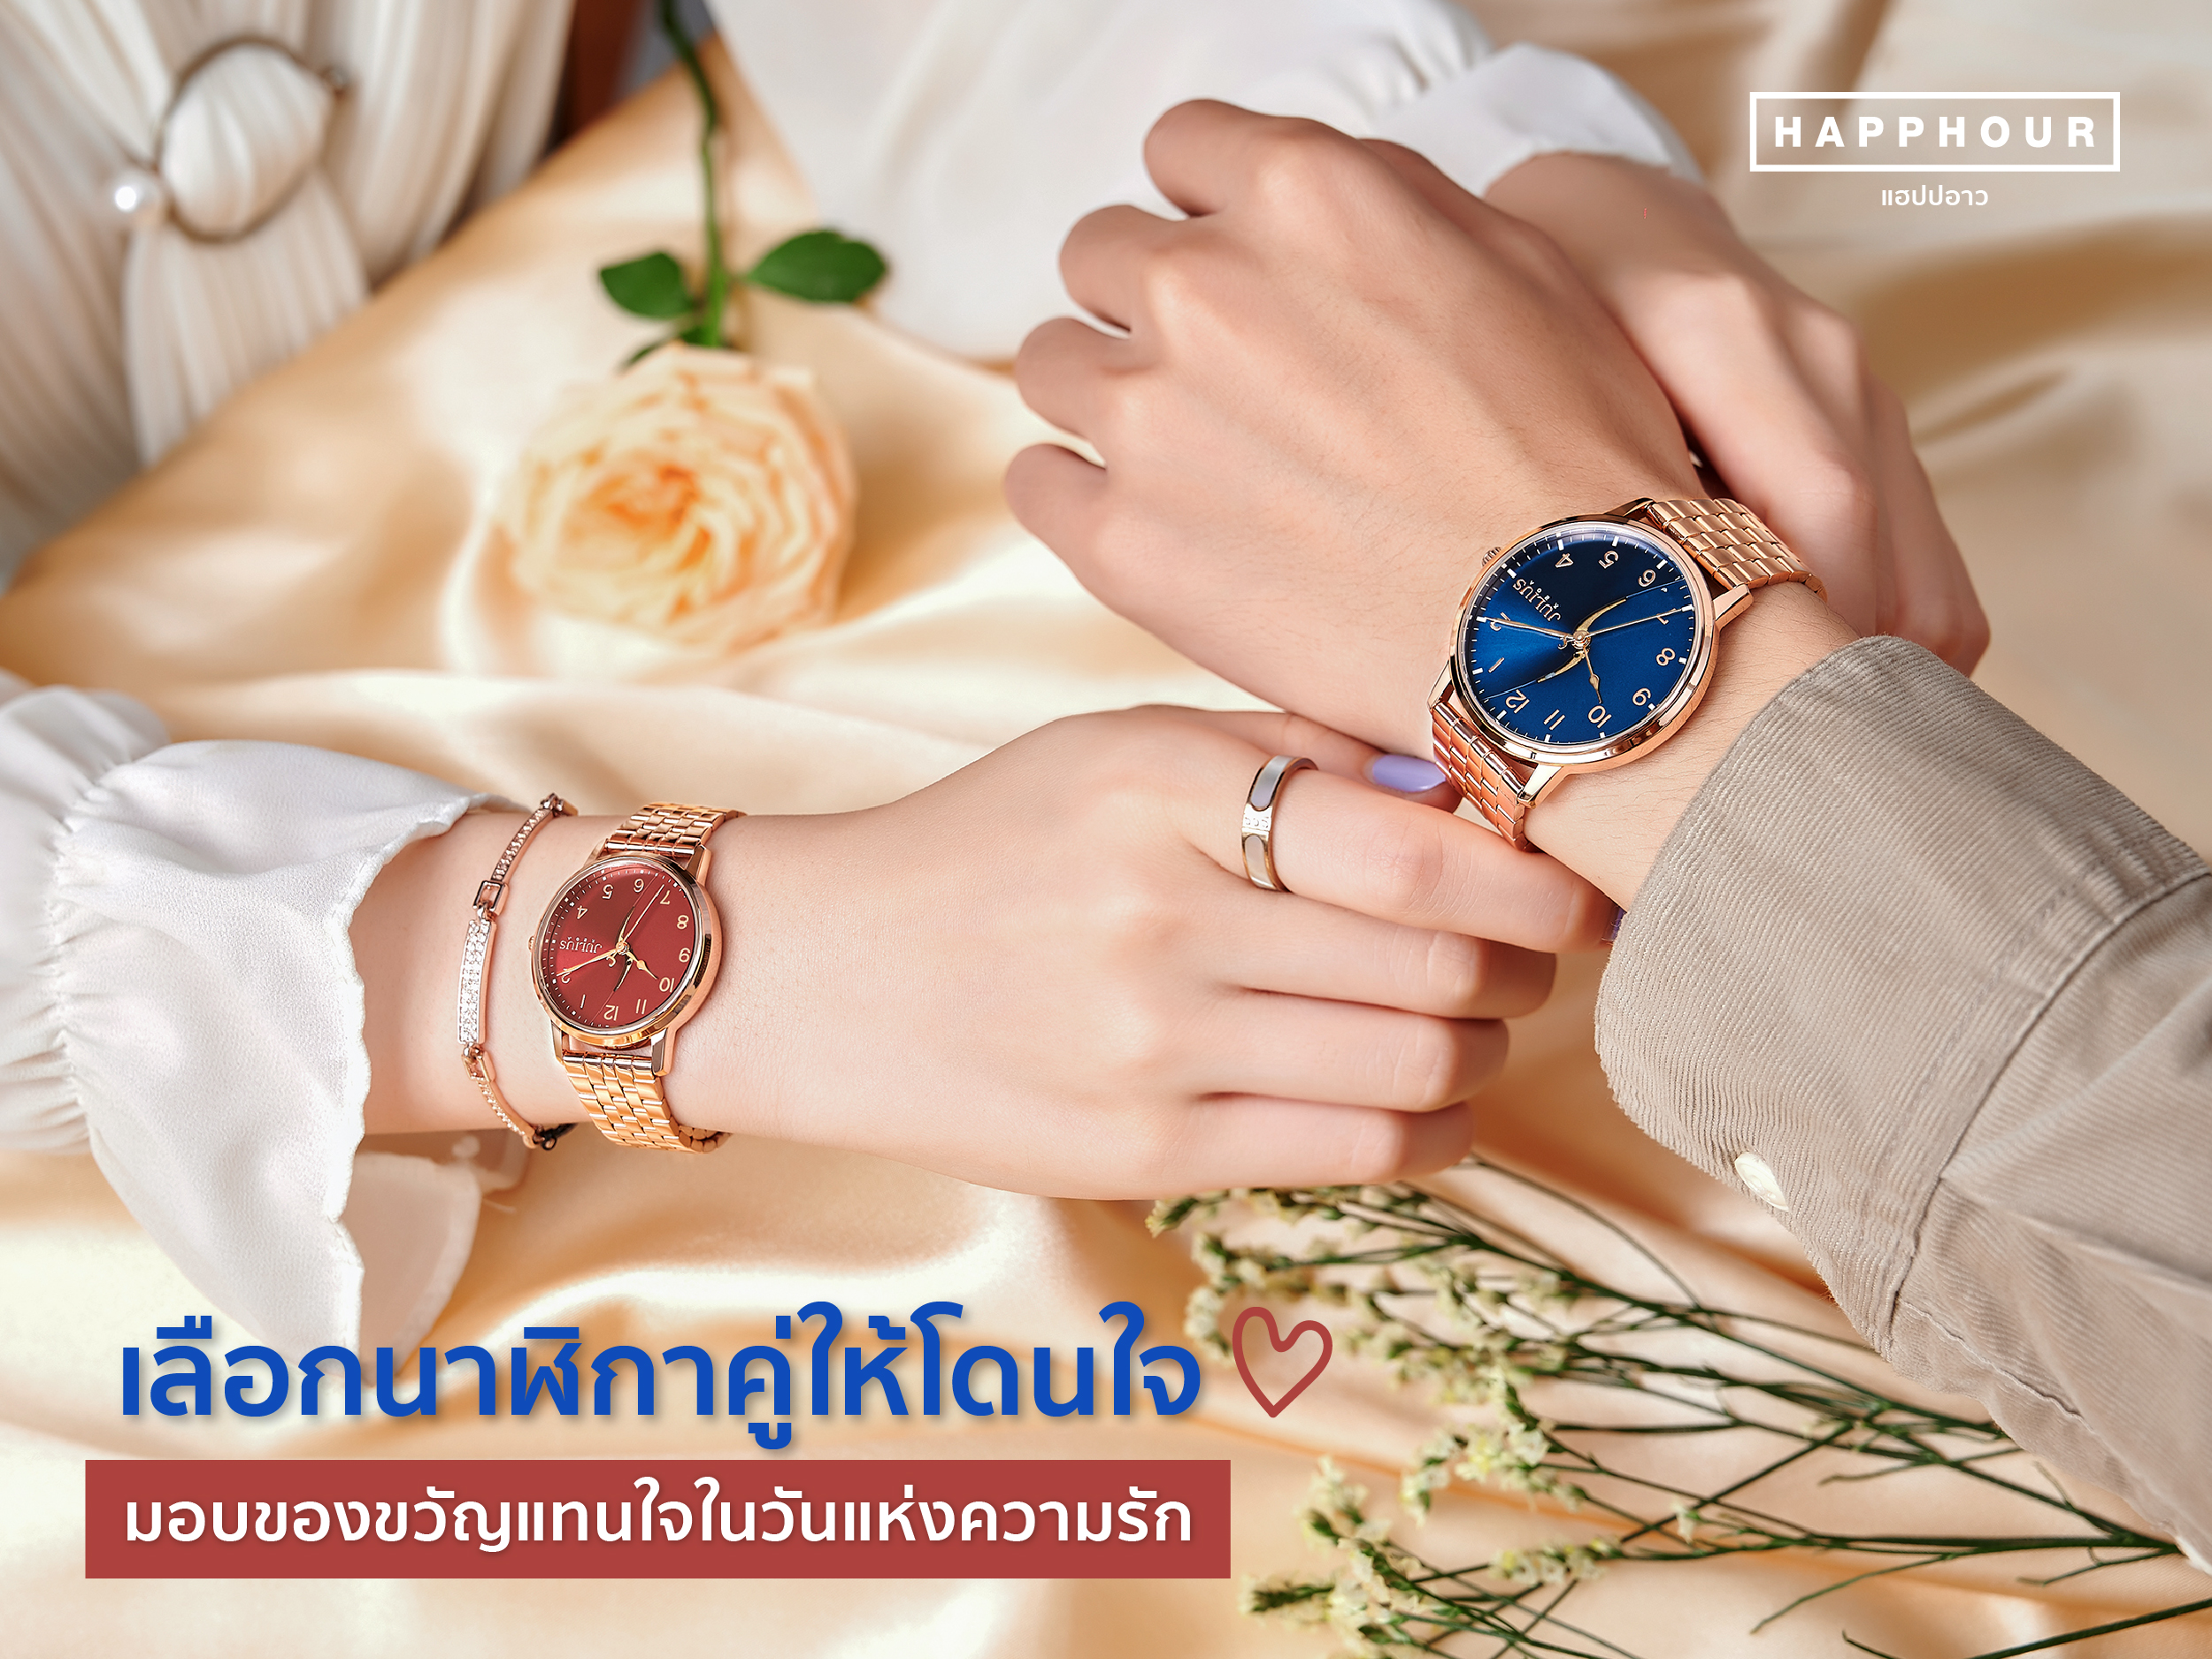 เลือกนาฬิกาข้อมือให้โดนใจ ของขวัญวันแห่งความรักสุดประทับใจ สำหรับคู่รัก 3 สไตล์